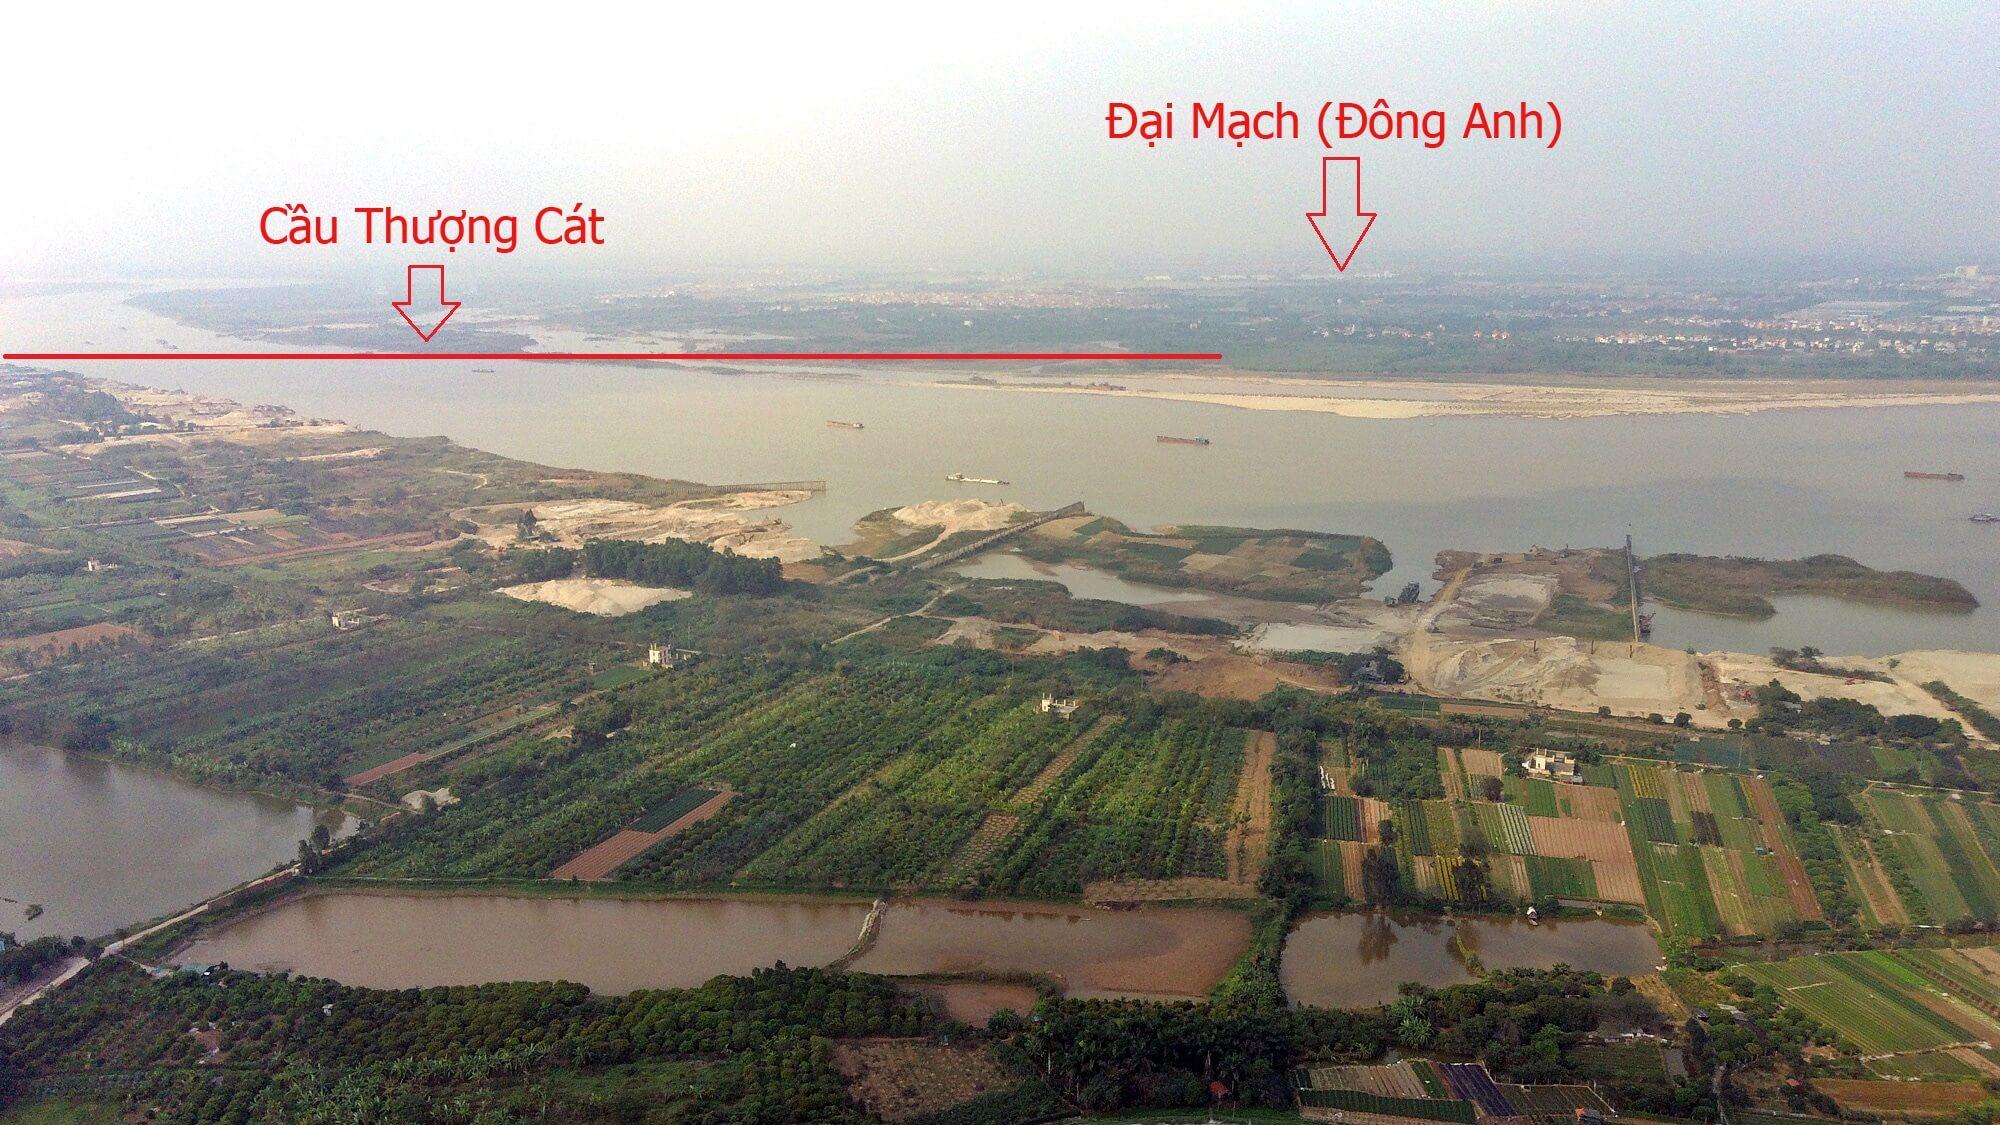 Mô tả lộ trình của cầu Thượng Cát sang khu vực Đông Anh.